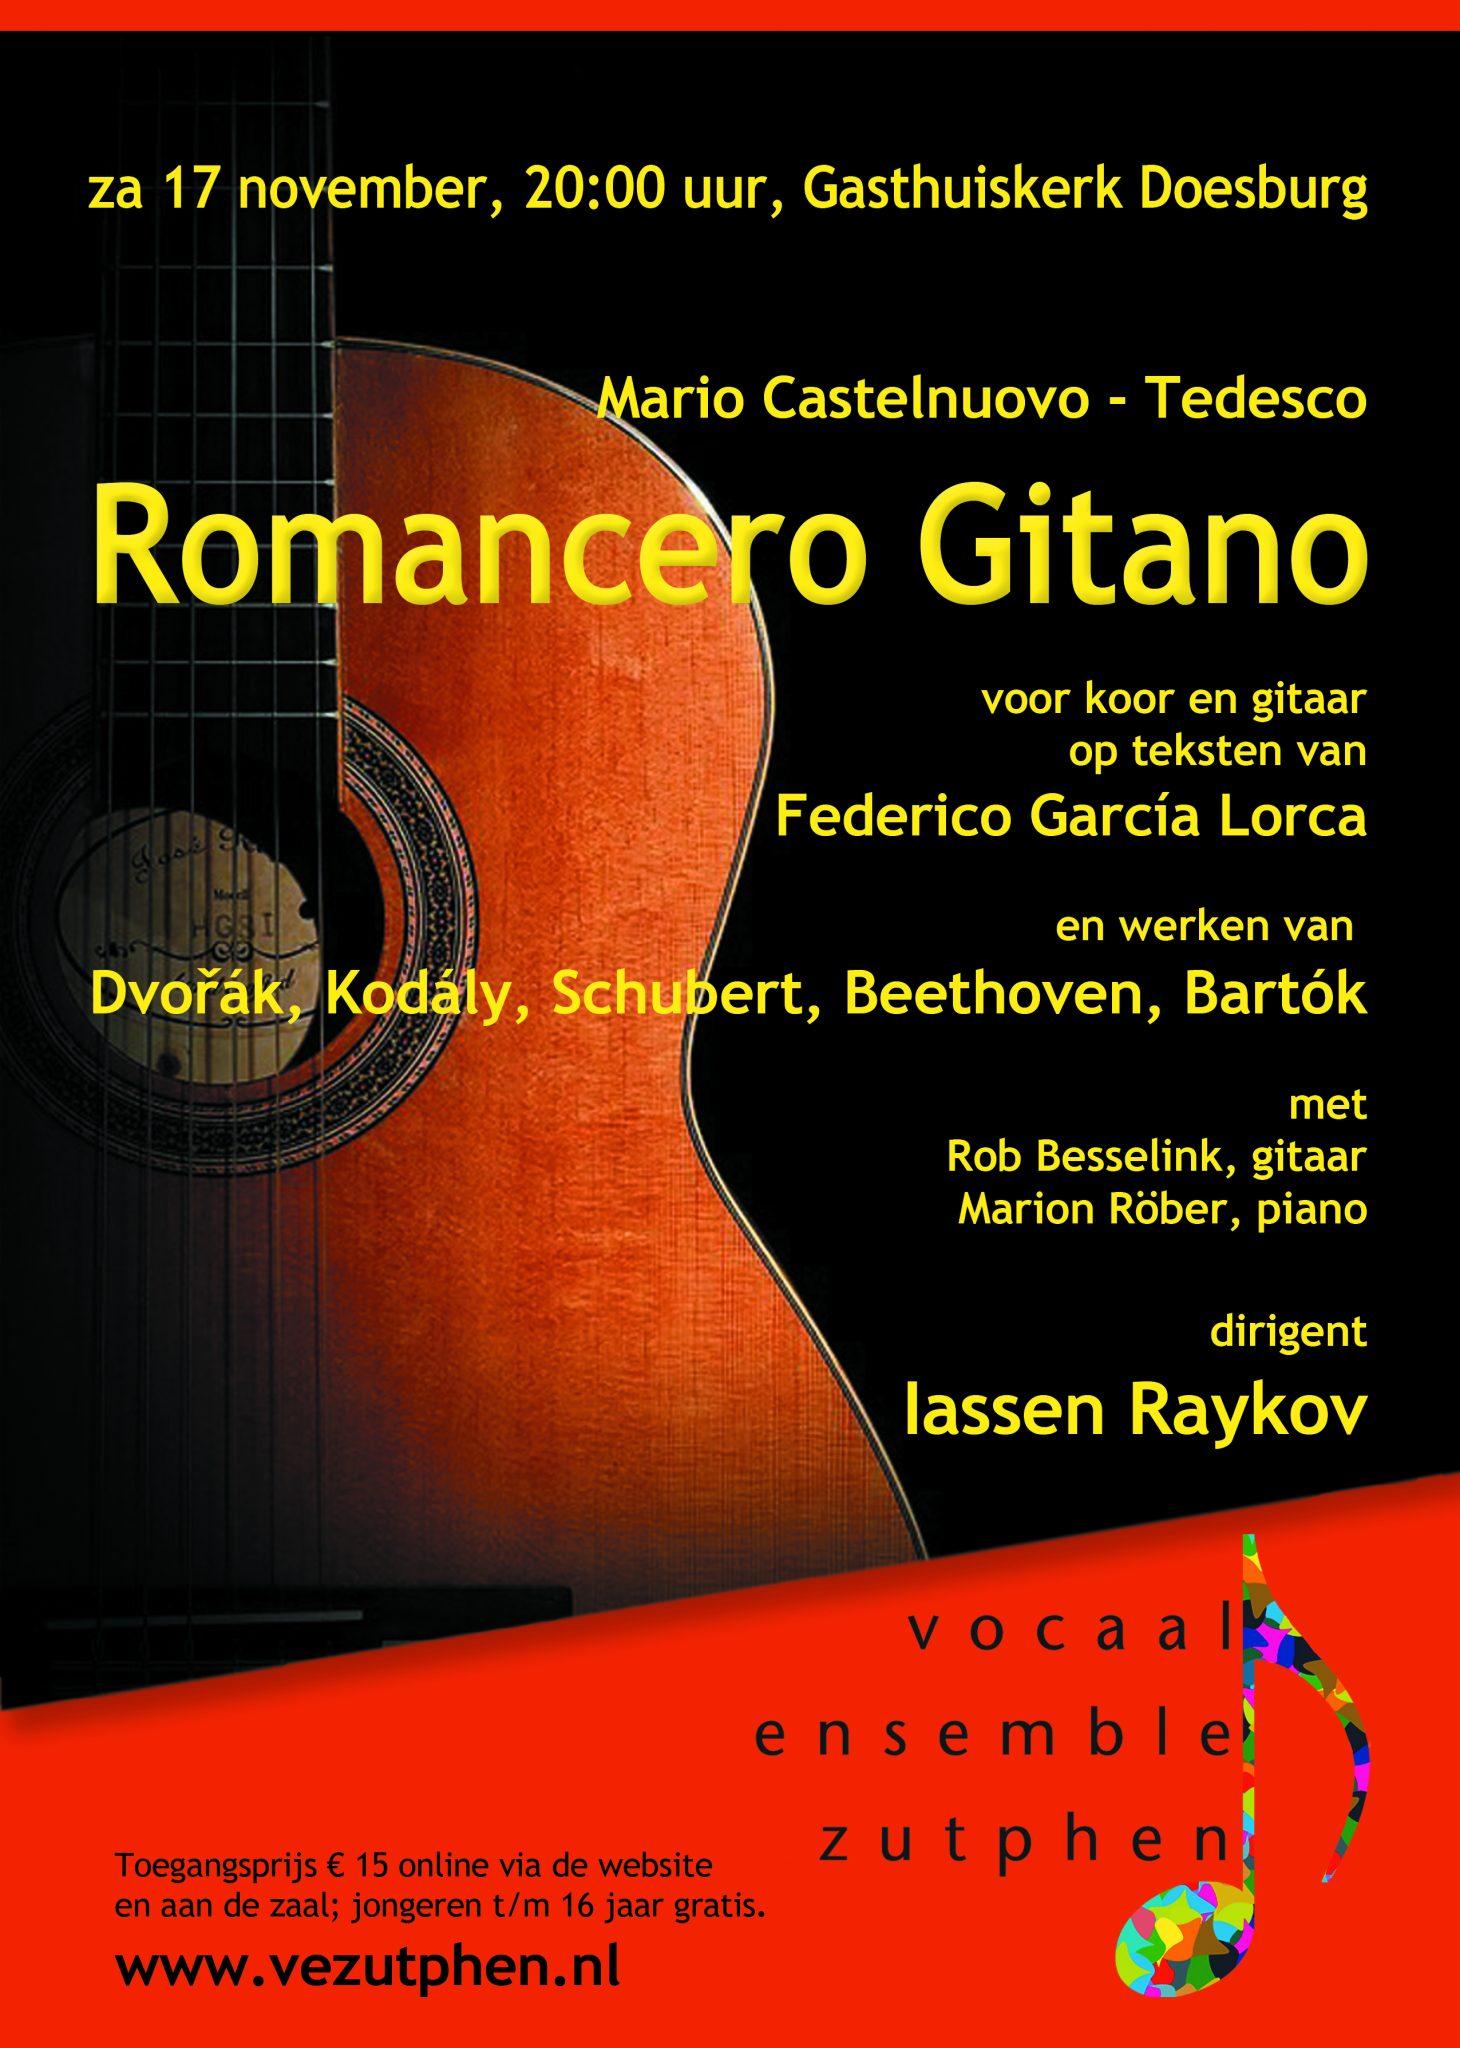 Romancero Gitano @ Gasthuiskerk  | Doesburg | Gelderland | Nederland